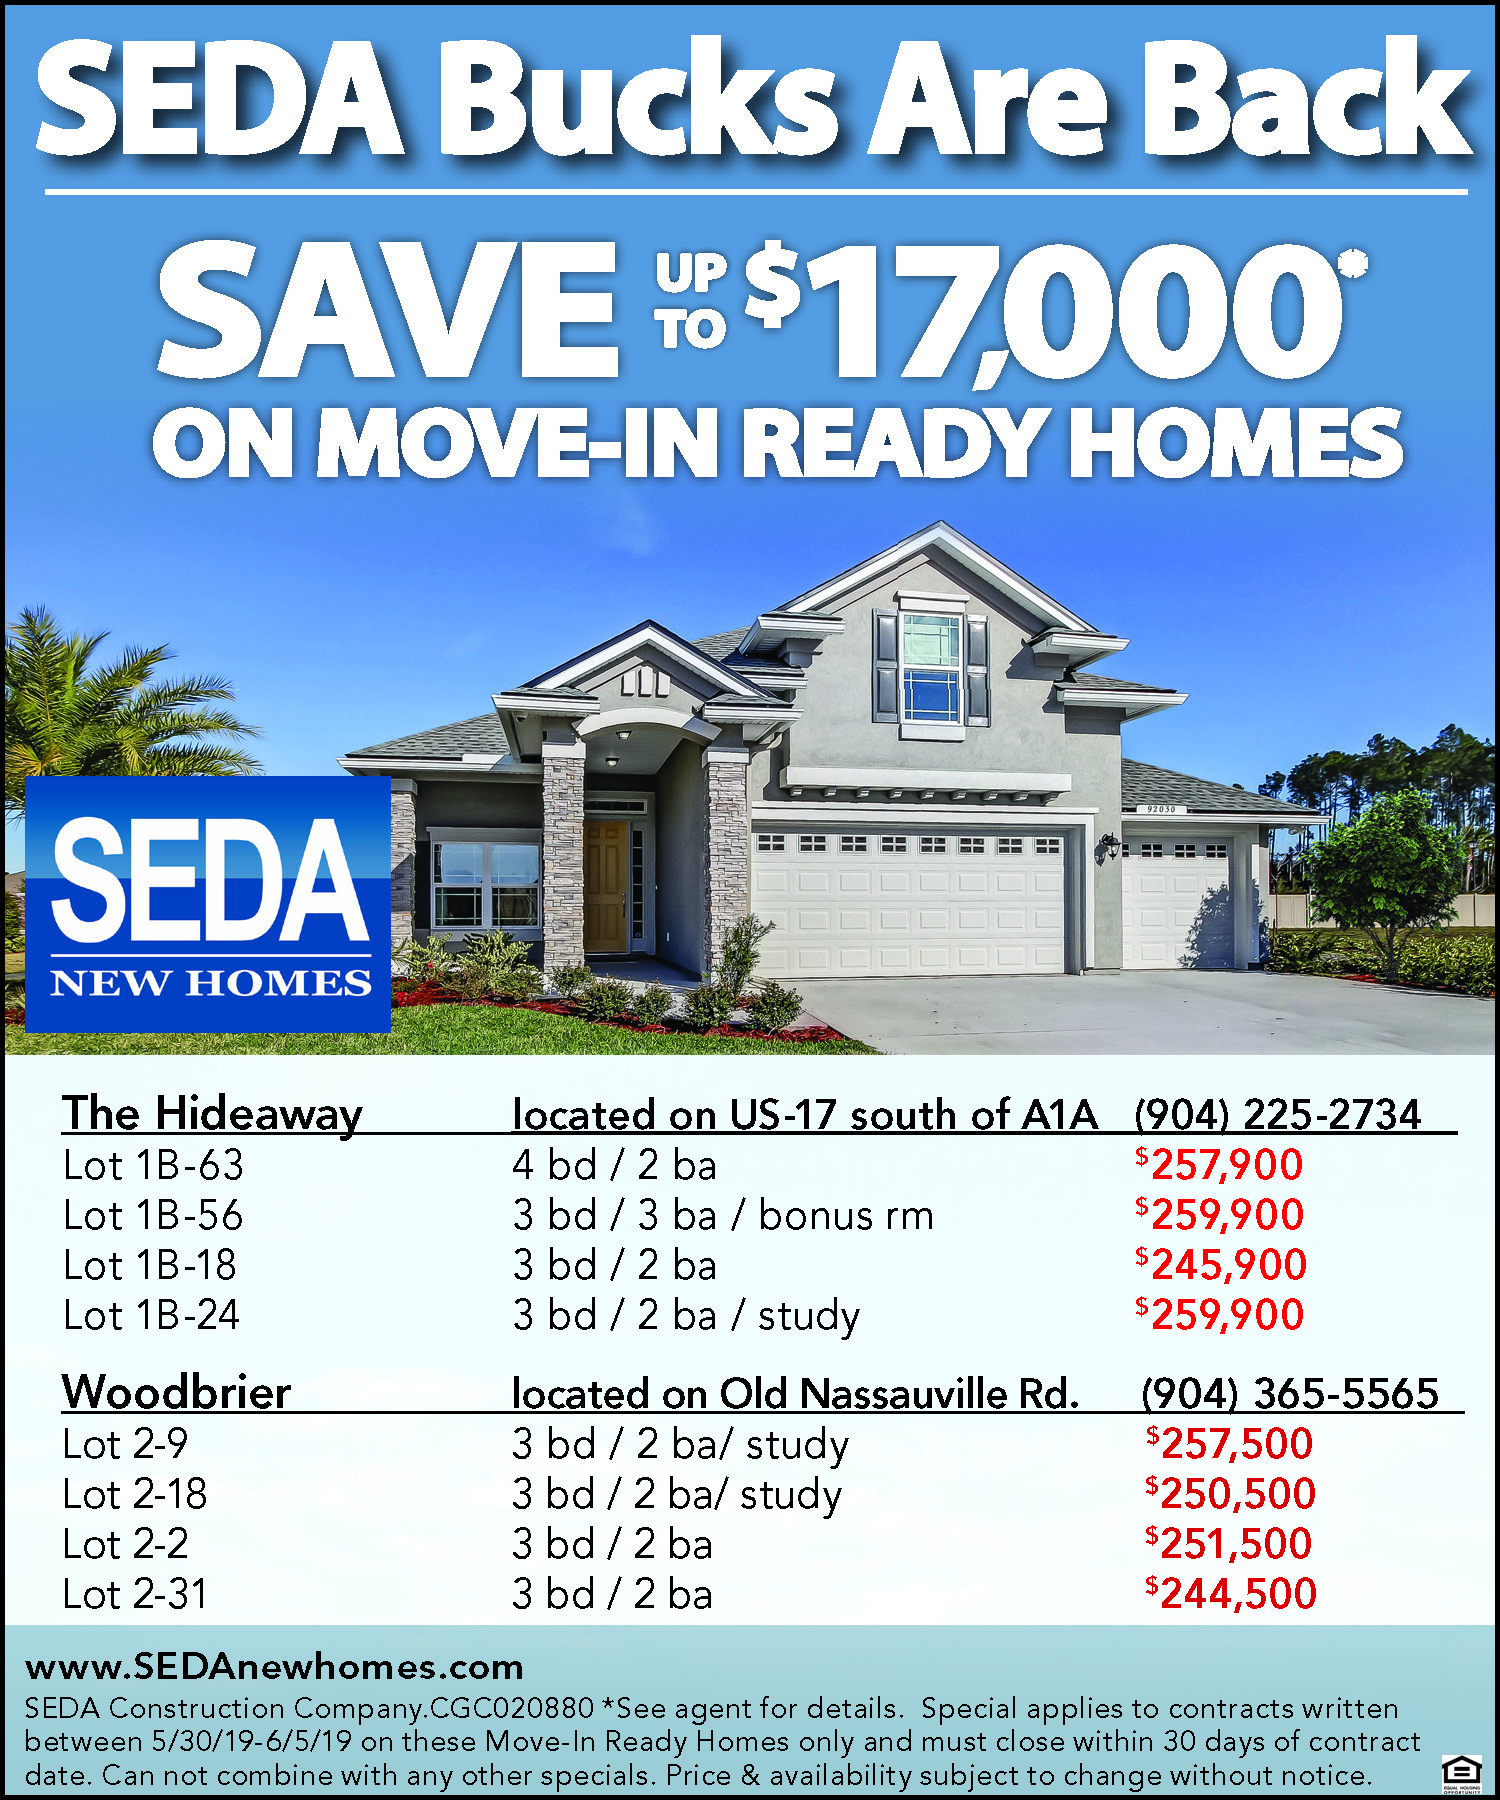 SEDA Bucks Are Back in Camden, GA, Apartments & Condos